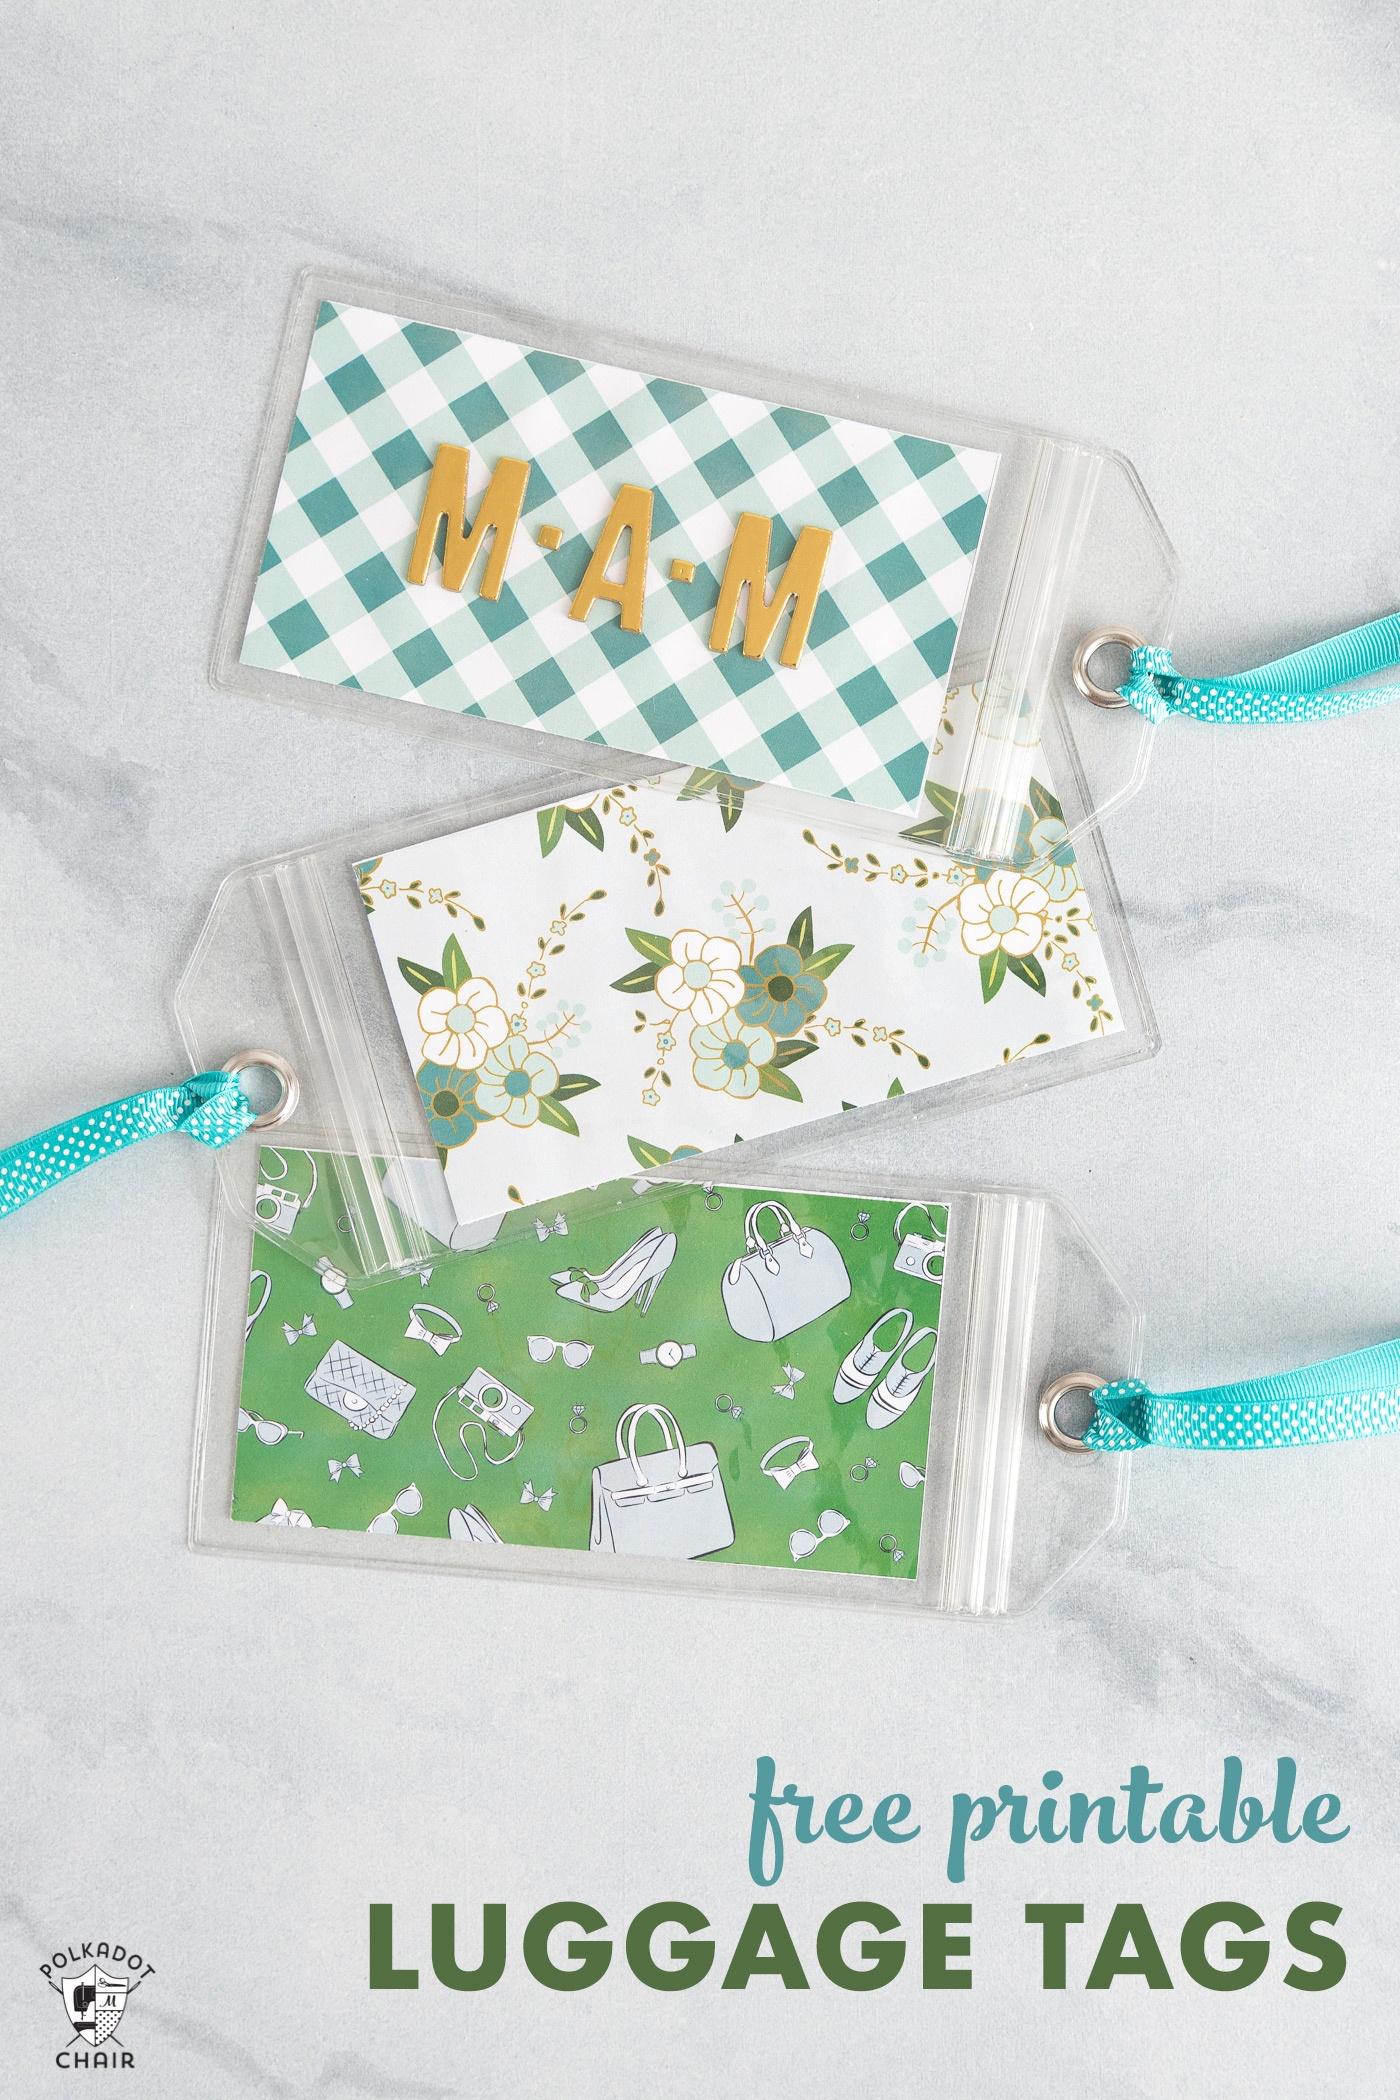 Free Printable Luggage Tags | The Polka Dot Chair - Free Printable Goodie Bag Tags